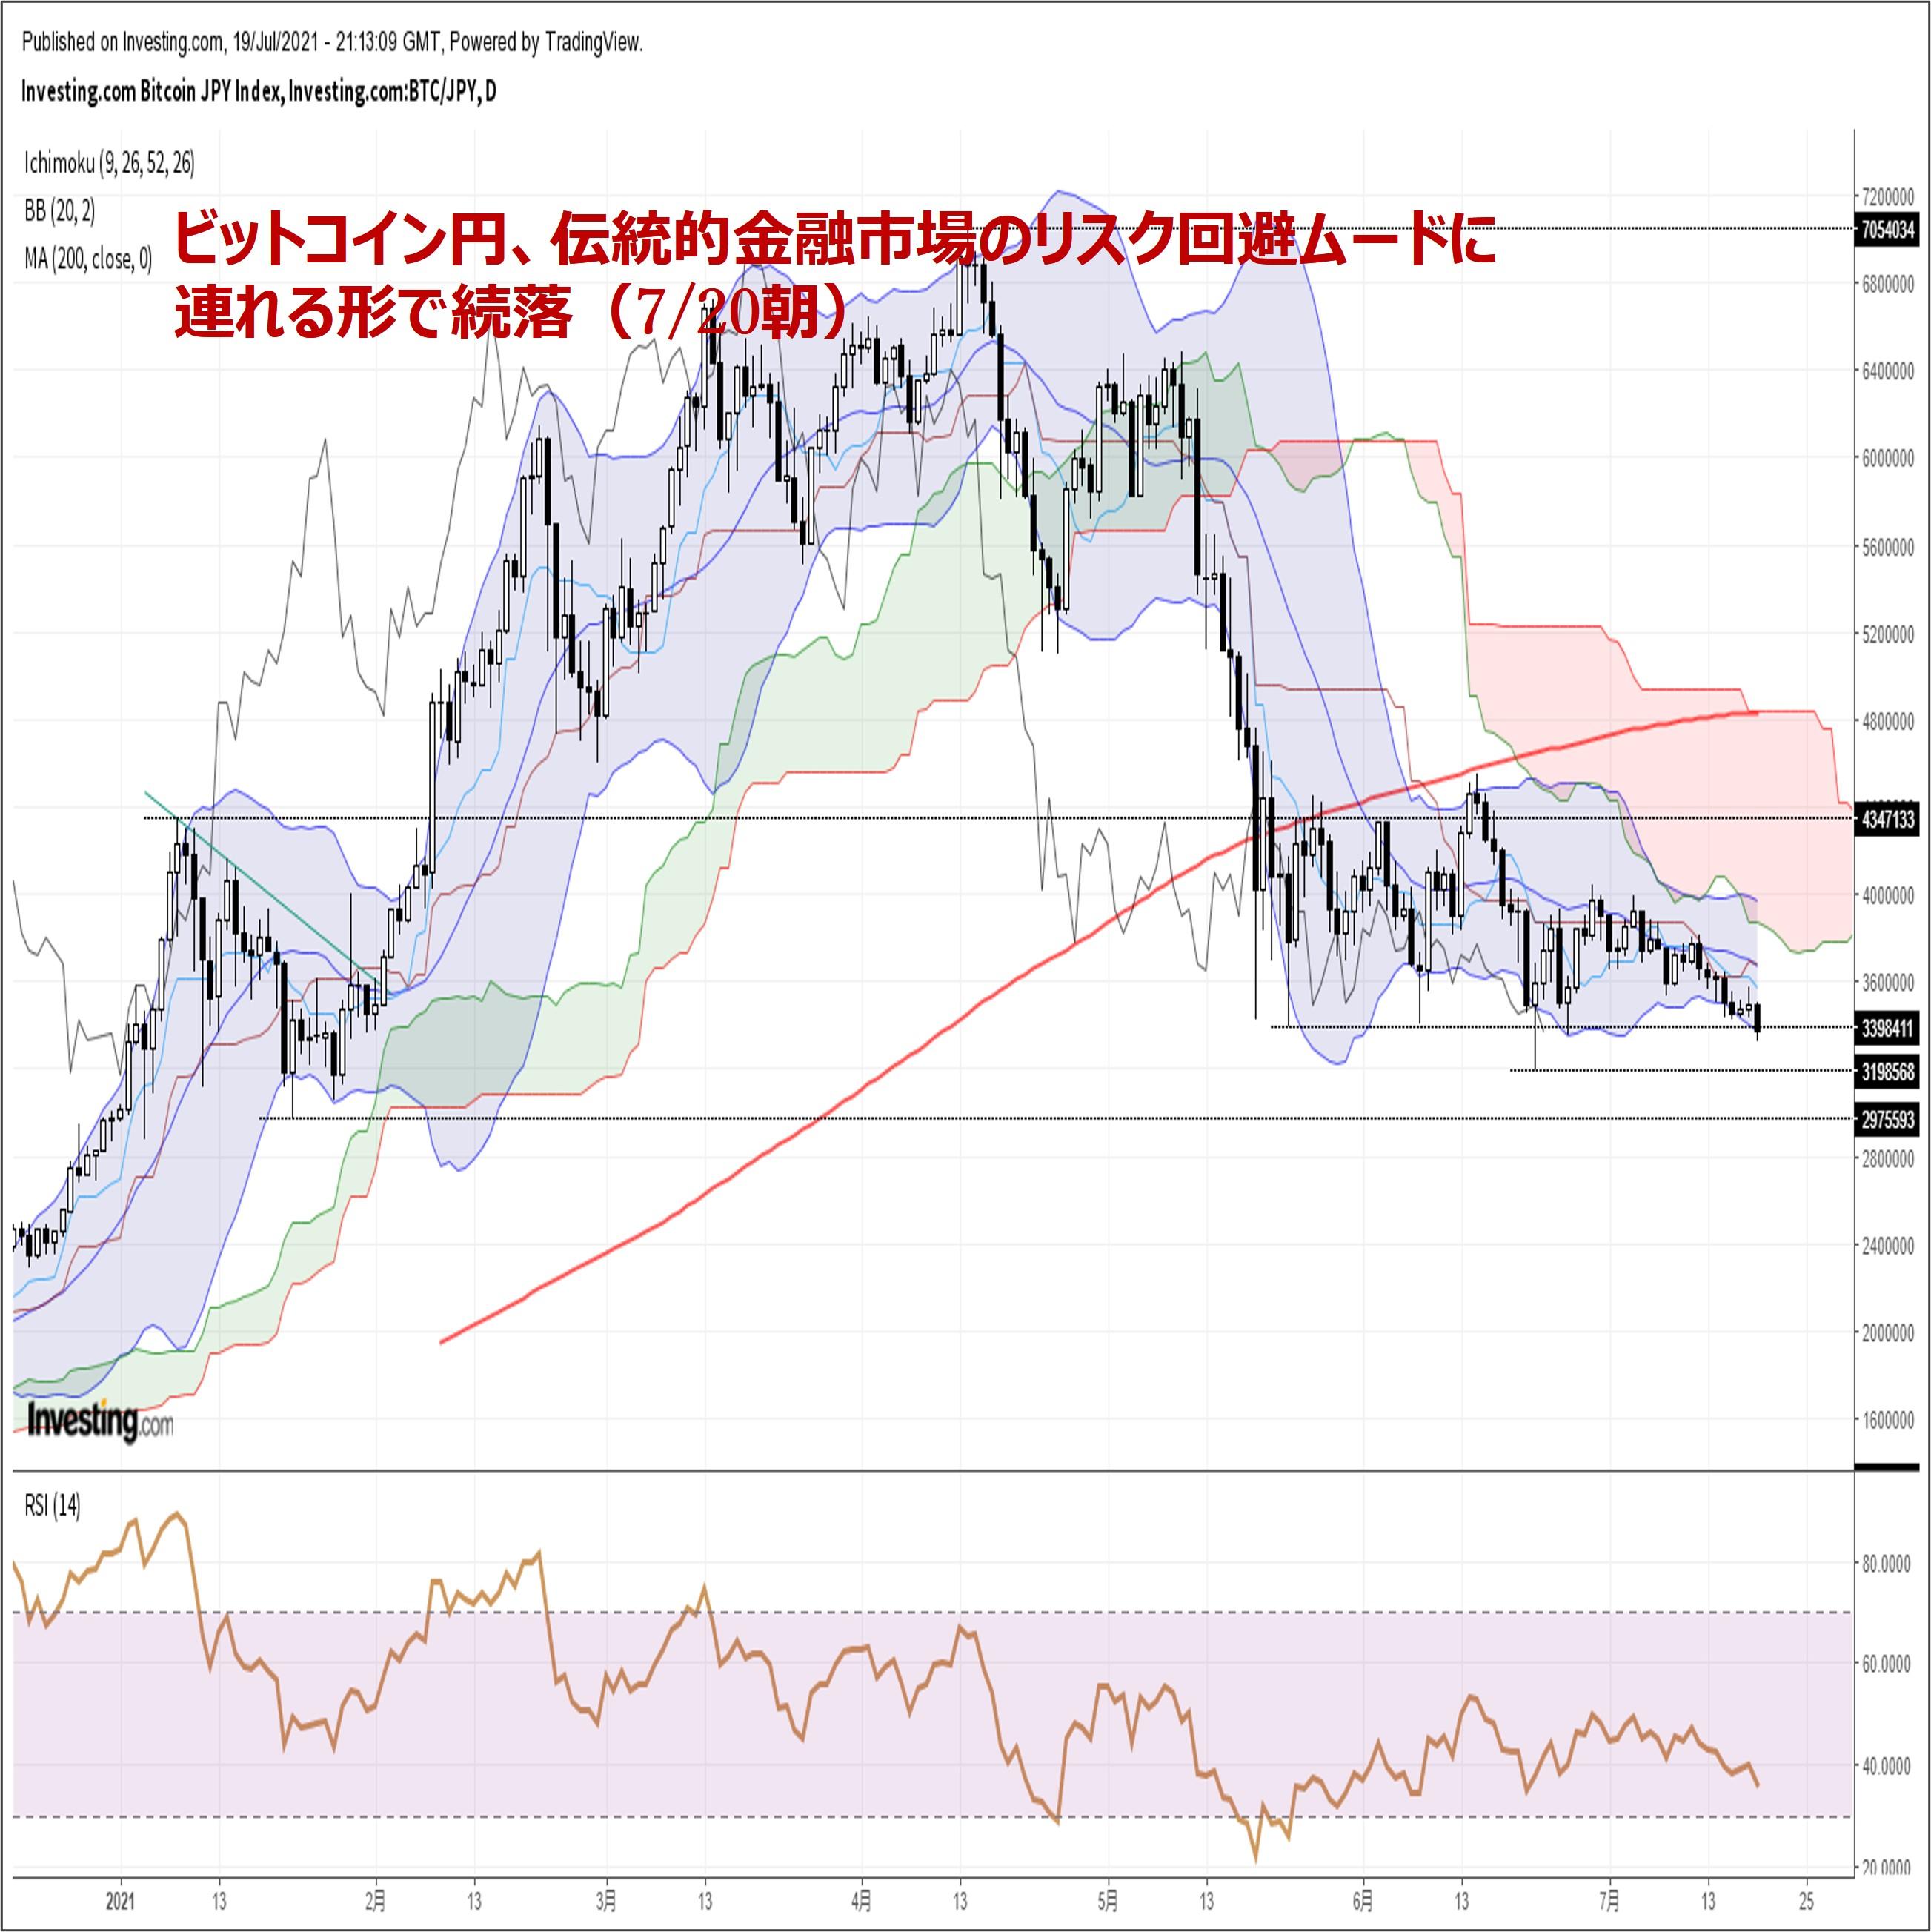 ビットコイン円、伝統的金融市場で広がるリスク回避ムードを背景に続落